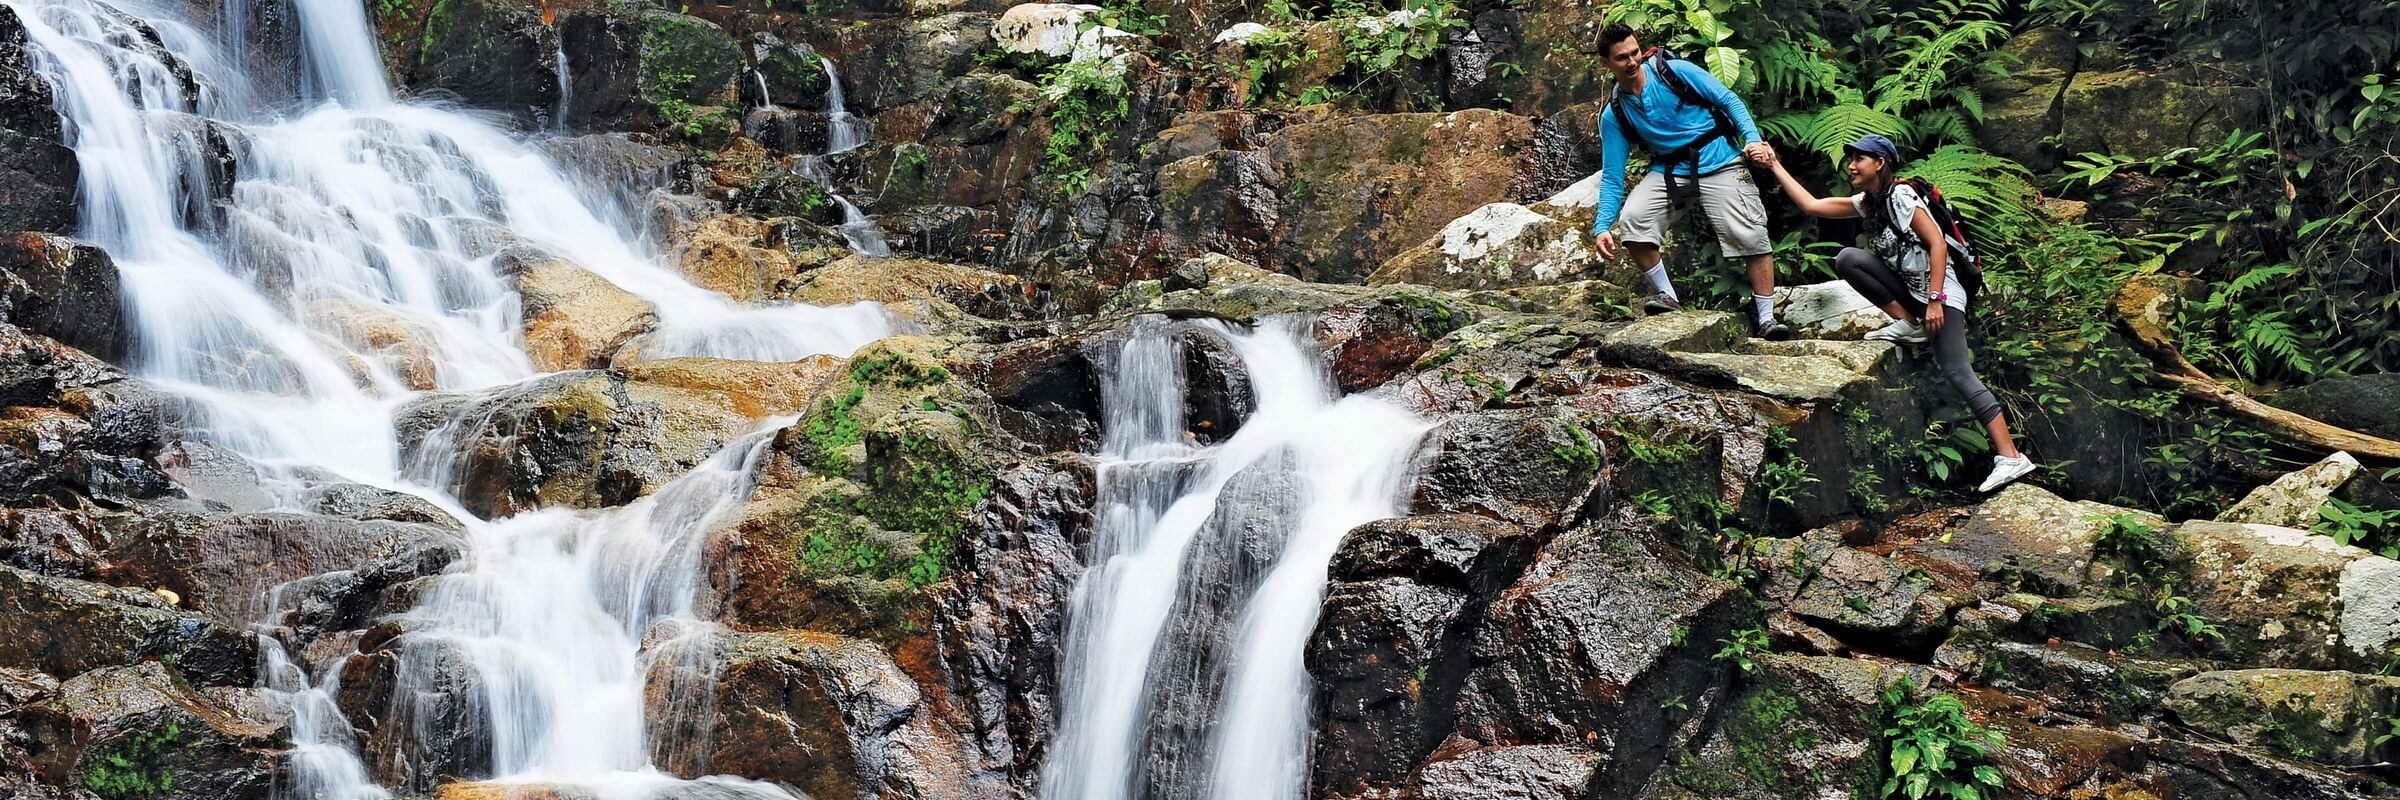 Im Inneren der malaiischen Insel Tioman befindet sich ein Naturreservat, das mit dichtem, tropischen Dschungel zu ausgedehnten Trekkingtouren einlädt.